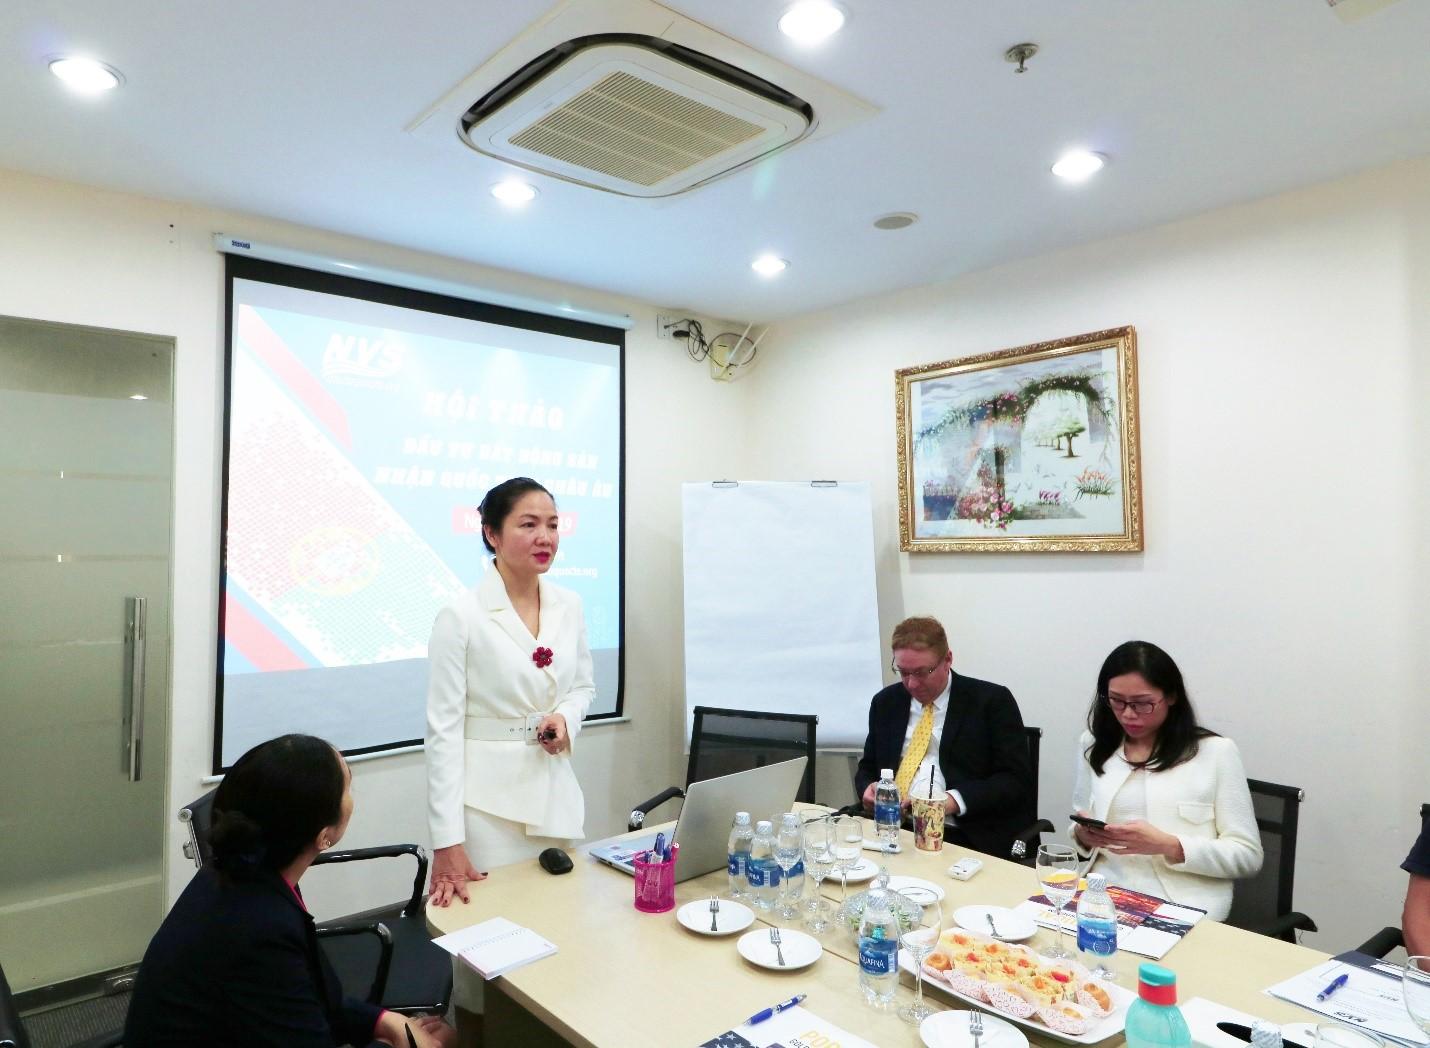 Giám đốc Điều hành NVS – Bà Trịnh Thị Thanh Nhàn chia sẻ thông tin định cư Bồ Đào Nha mới nhất đến NĐT.